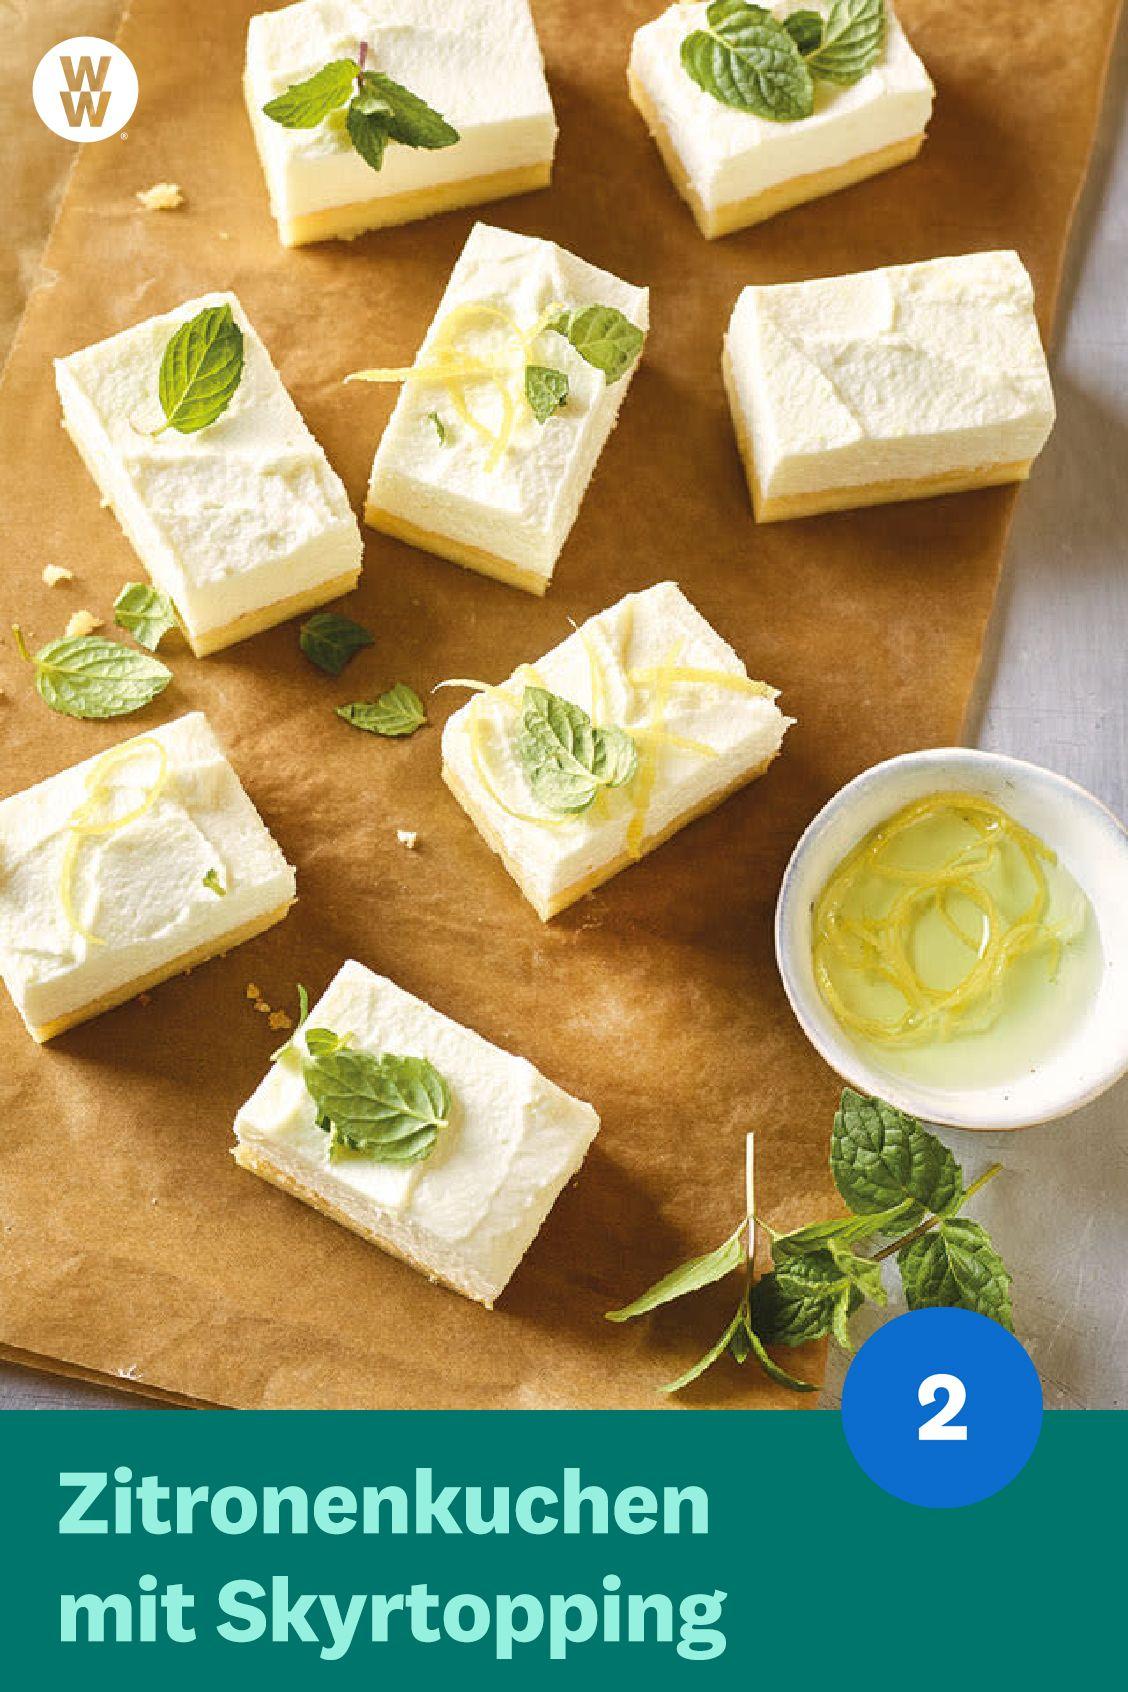 Zitronenkuchen mit Skyrtopping